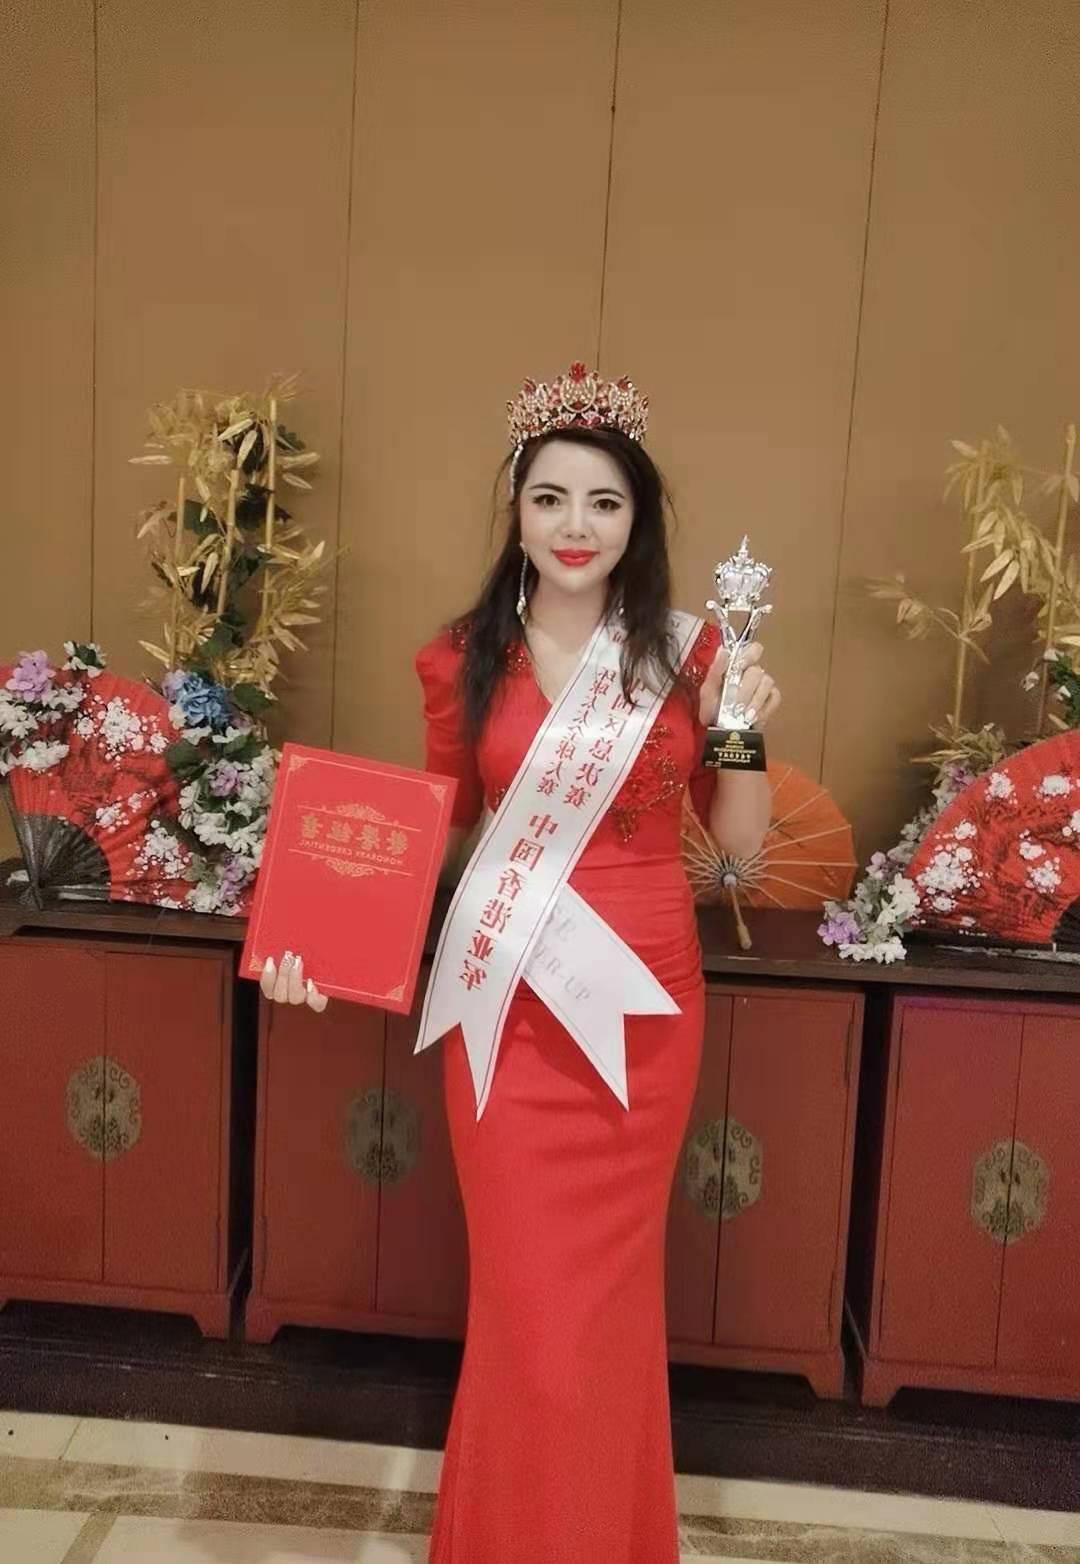 张荻珠一举荣获2020年43届环球太太大赛香港亚军星光璀璨